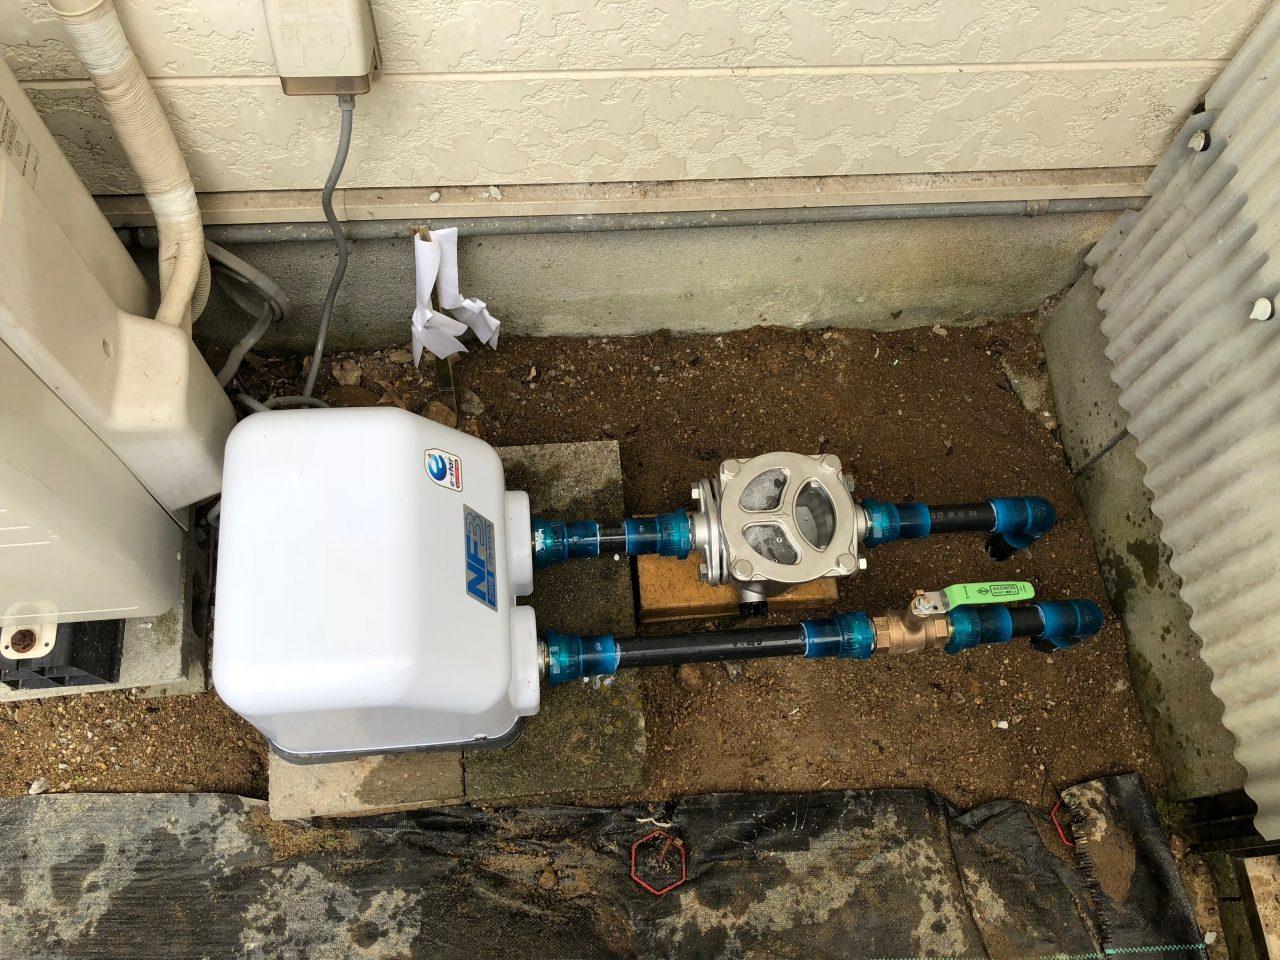 大竹市水道局指定 ネクストプラン 水道修理センター 水漏れ修理 リフォーム